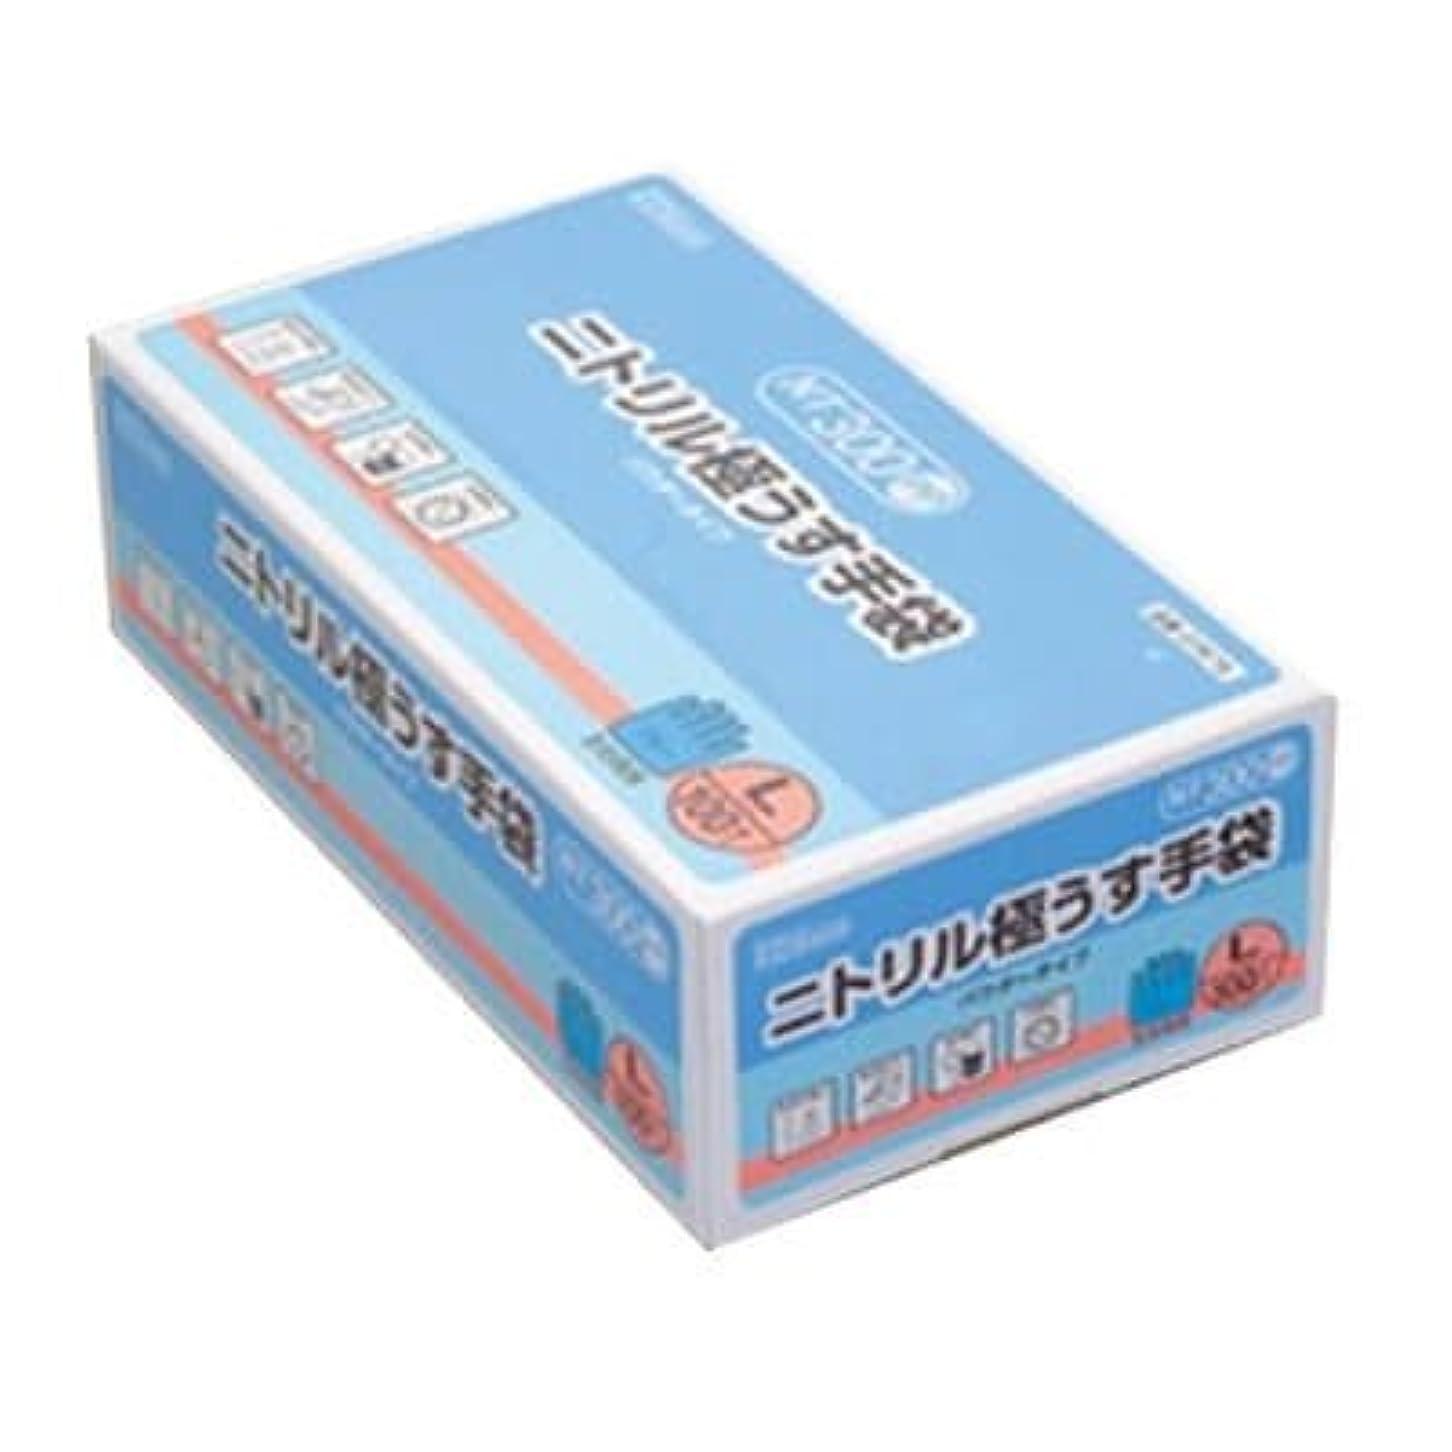 ラッシュ見ました脈拍【ケース販売】 ダンロップ ニトリル極うす手袋 粉付 L ブルー NT-300 (100枚入×20箱)